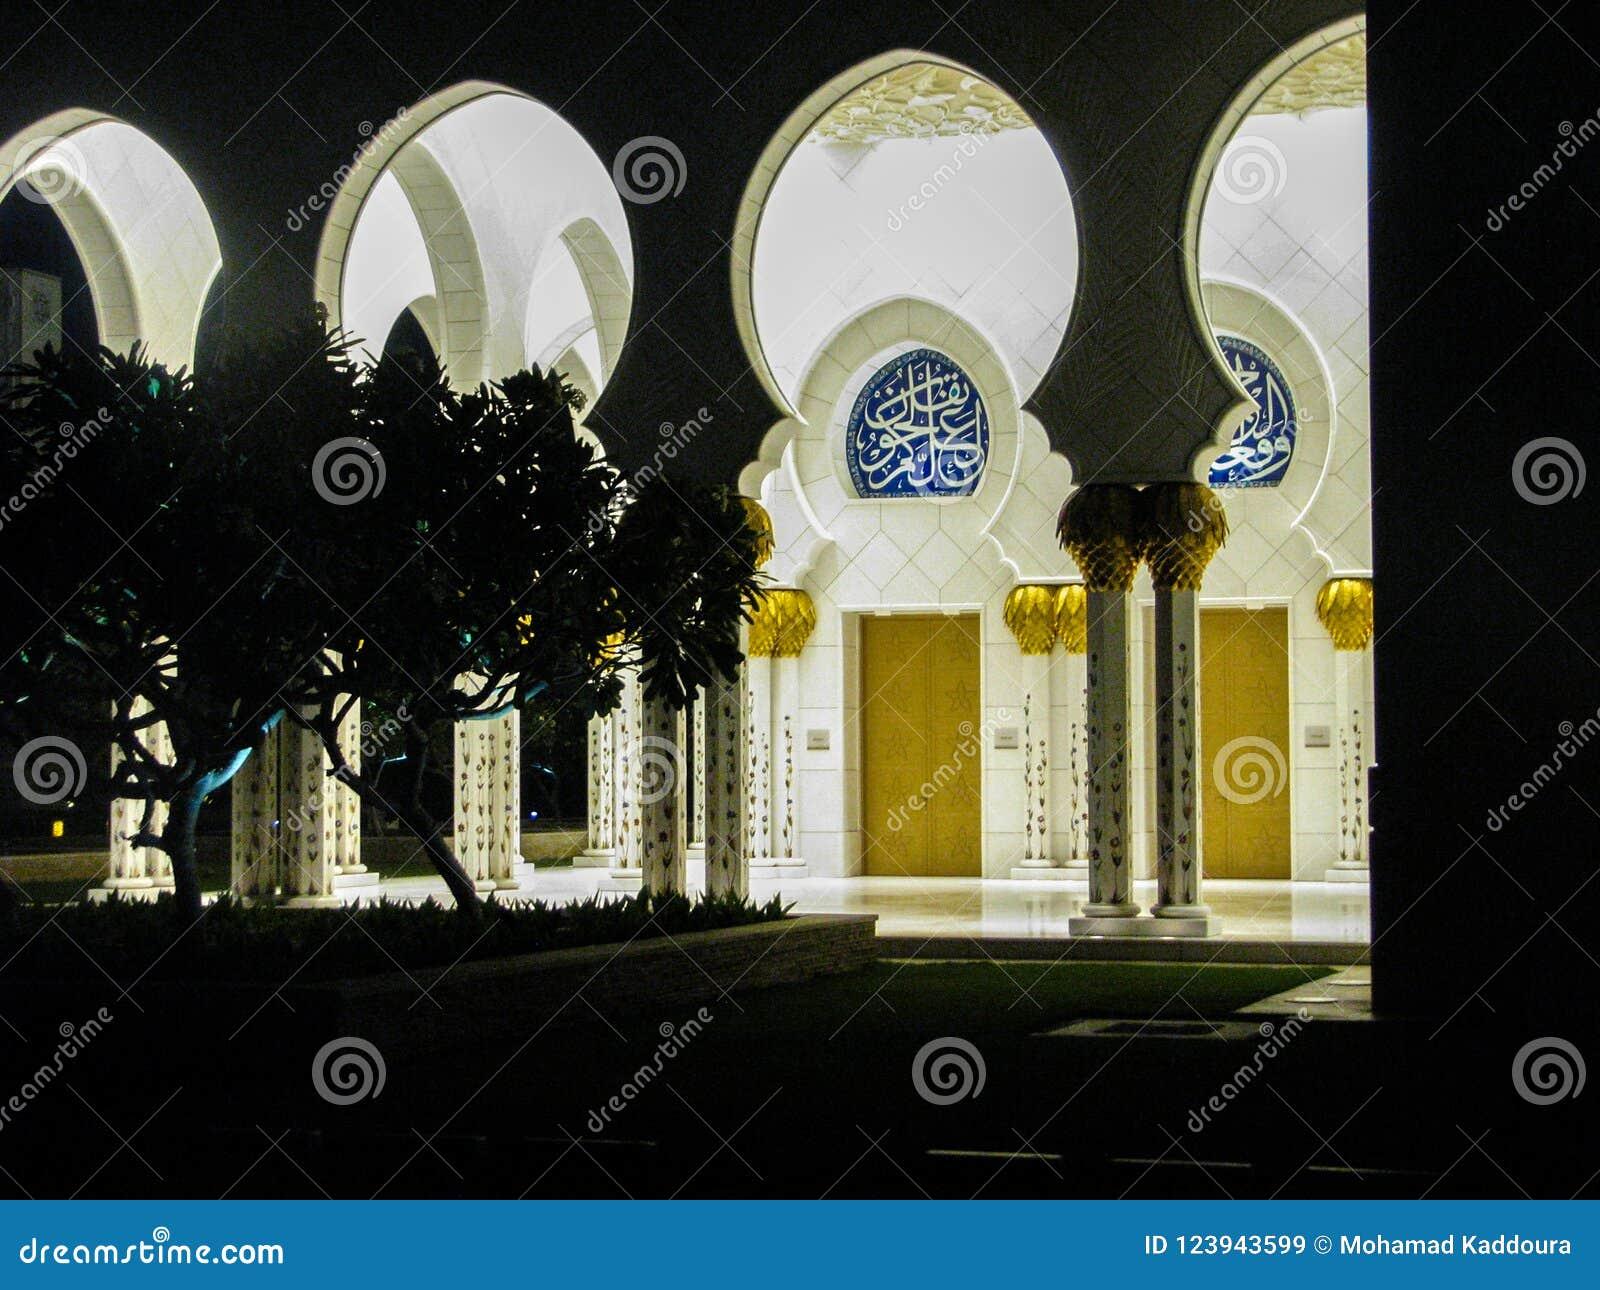 Schöne Sonderkommandos und Architektur Abu Dhabi Sheik Zayed Mosques mit Reflexionen auf Wasser nachts